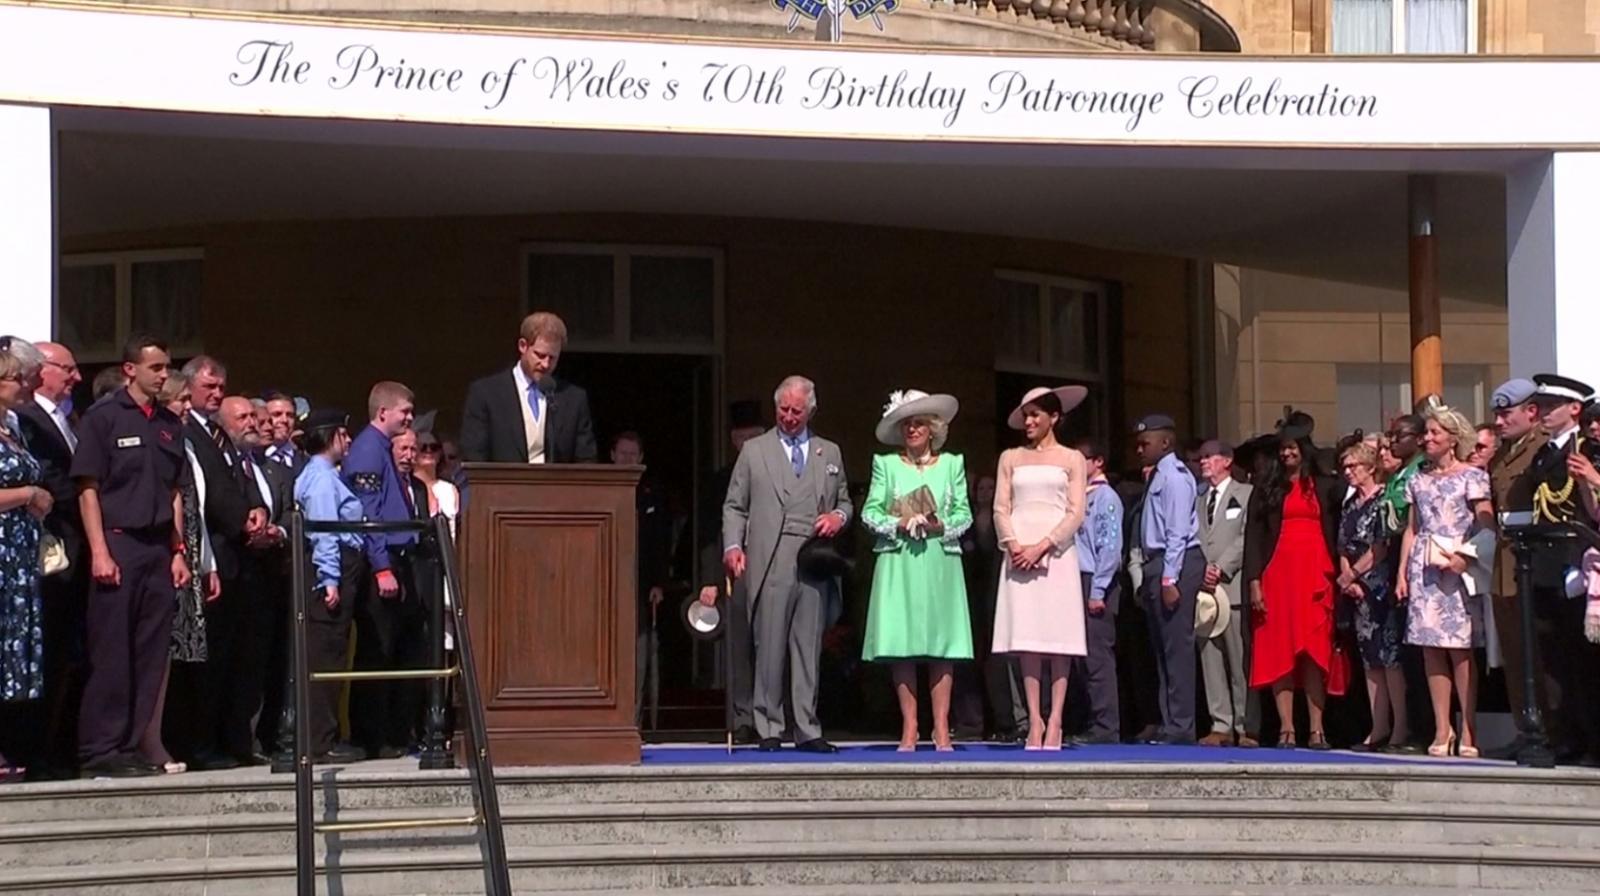 เจ้าชายแฮร์รี่-เมแกน ออกงานครั้งแรก หลังพิธีเสกสมรส